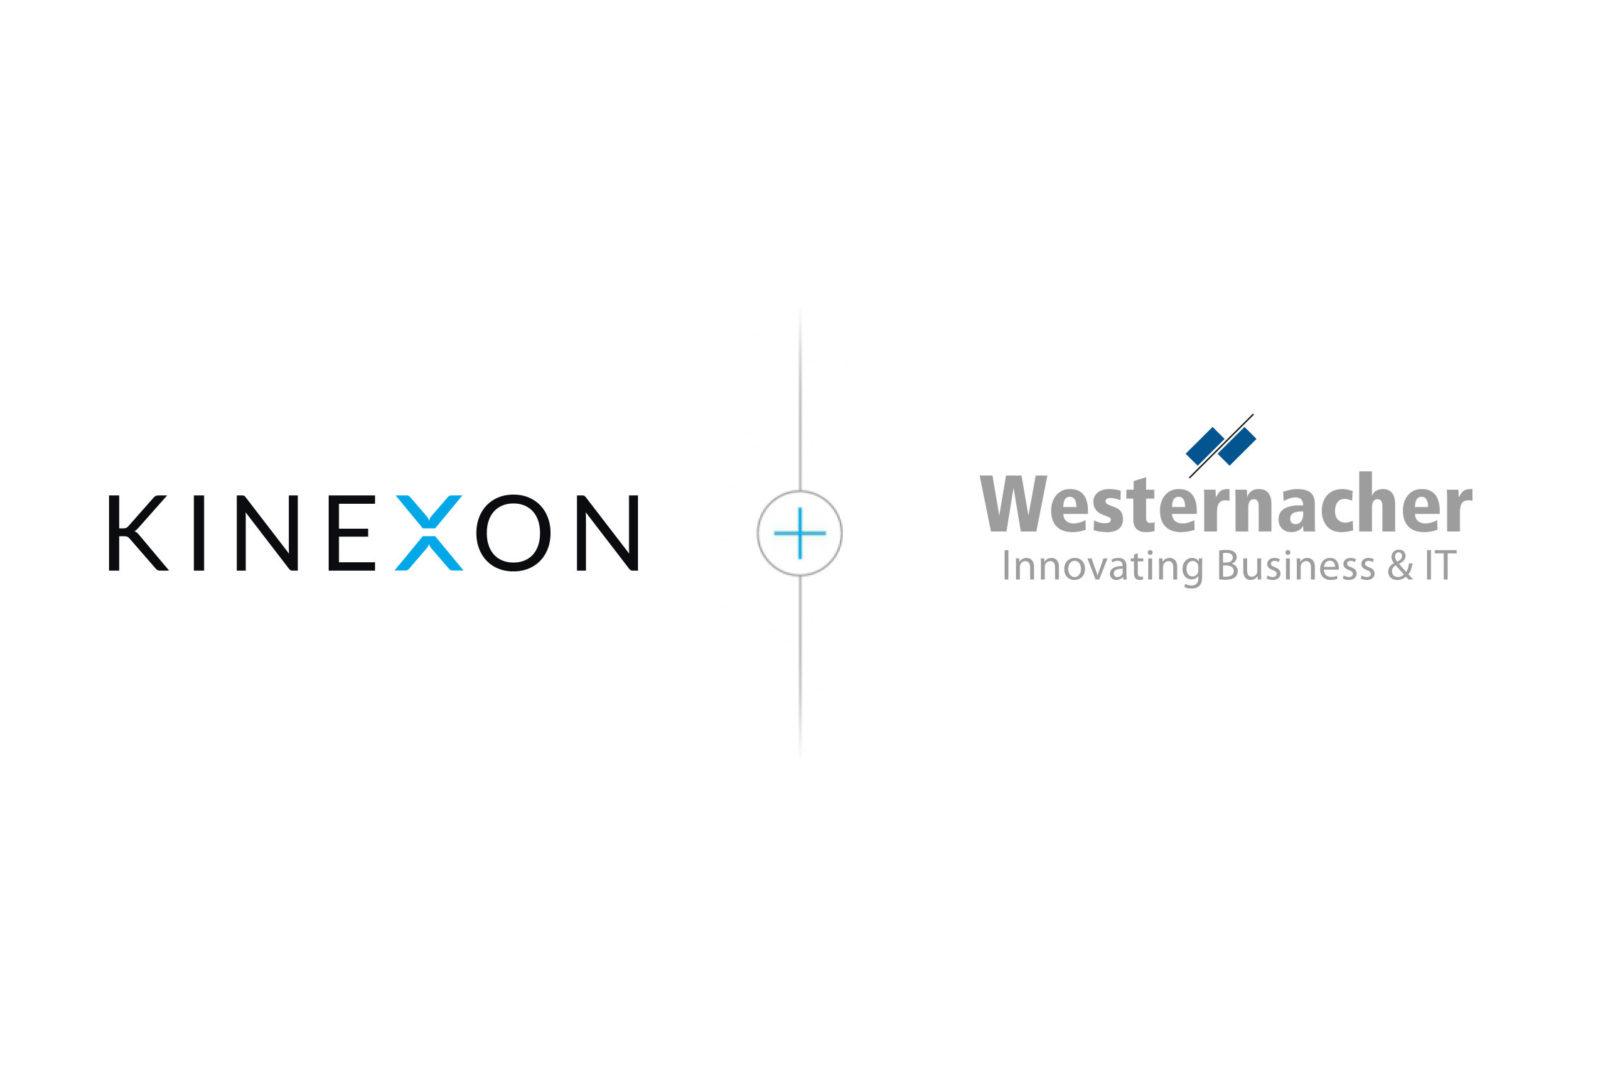 KINEXON_Westernacher